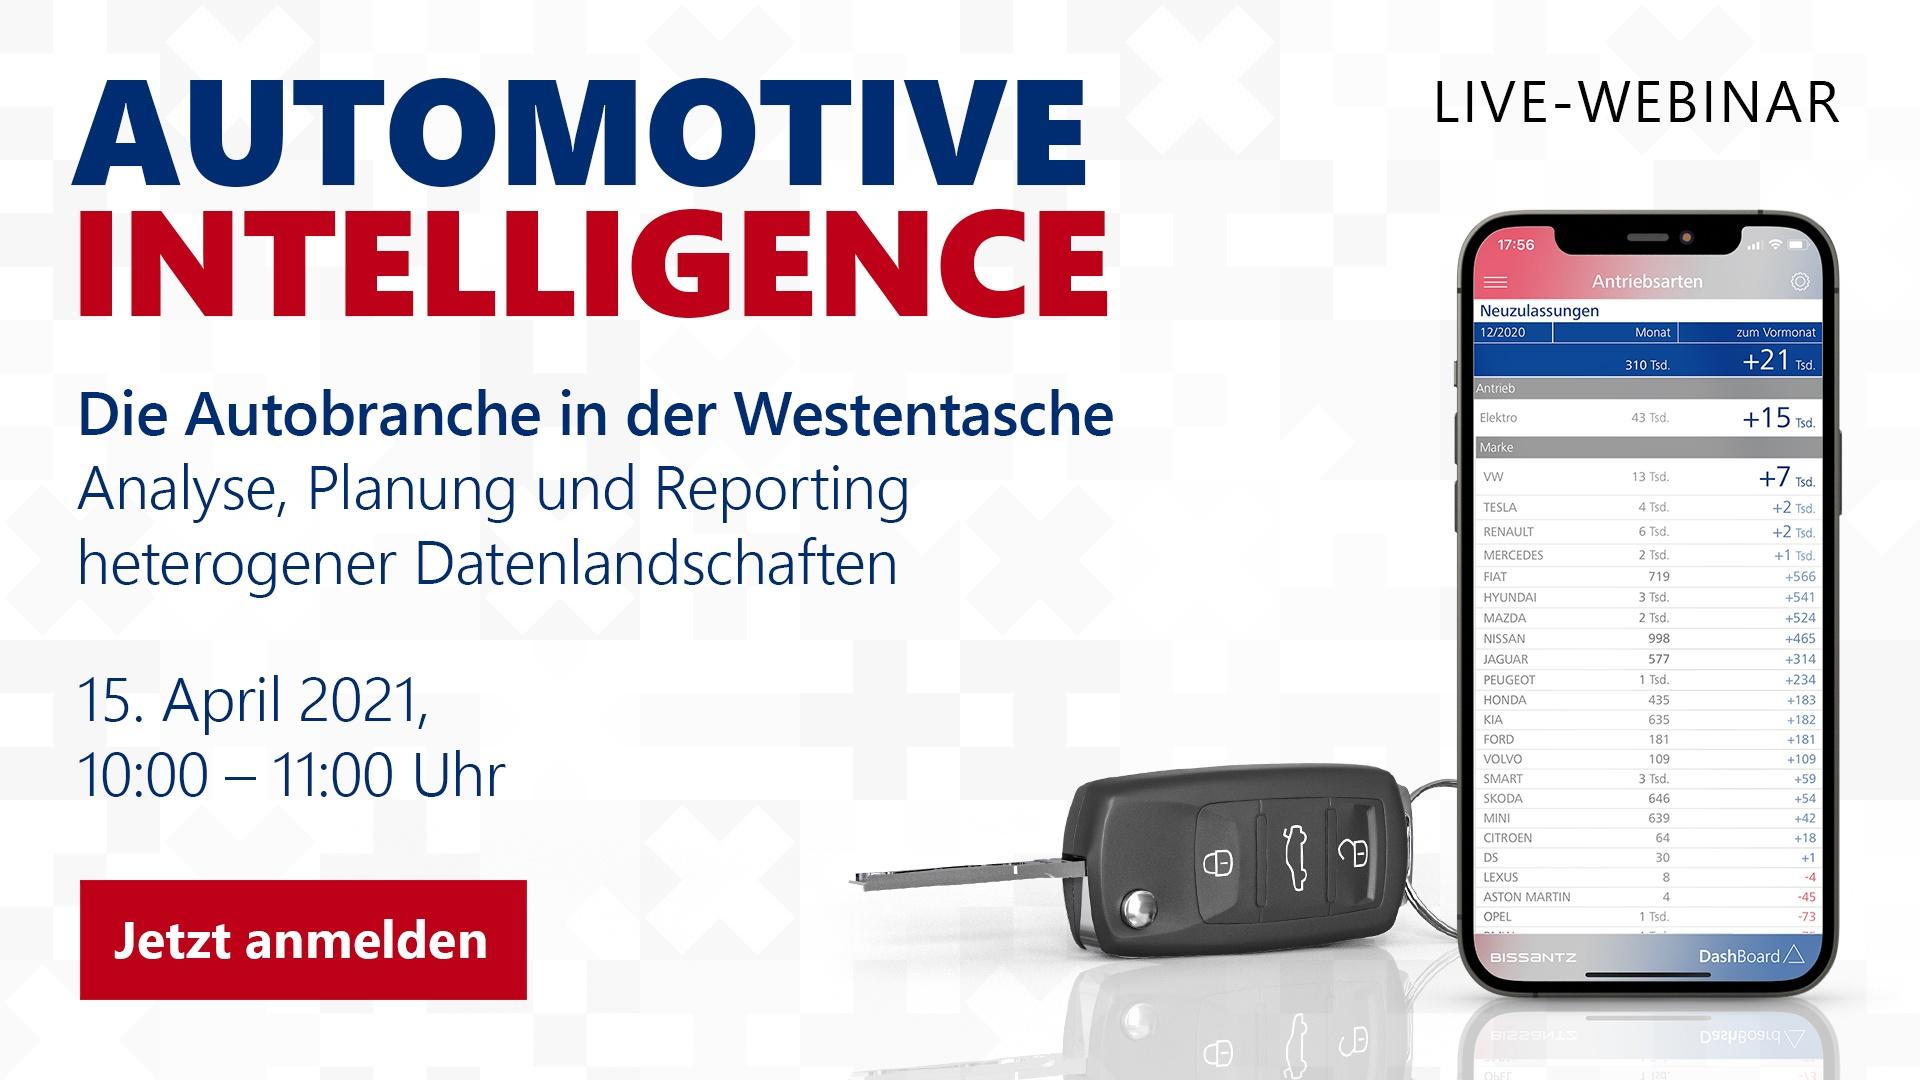 Live-Webinar: Der Automarkt in der Westentasche